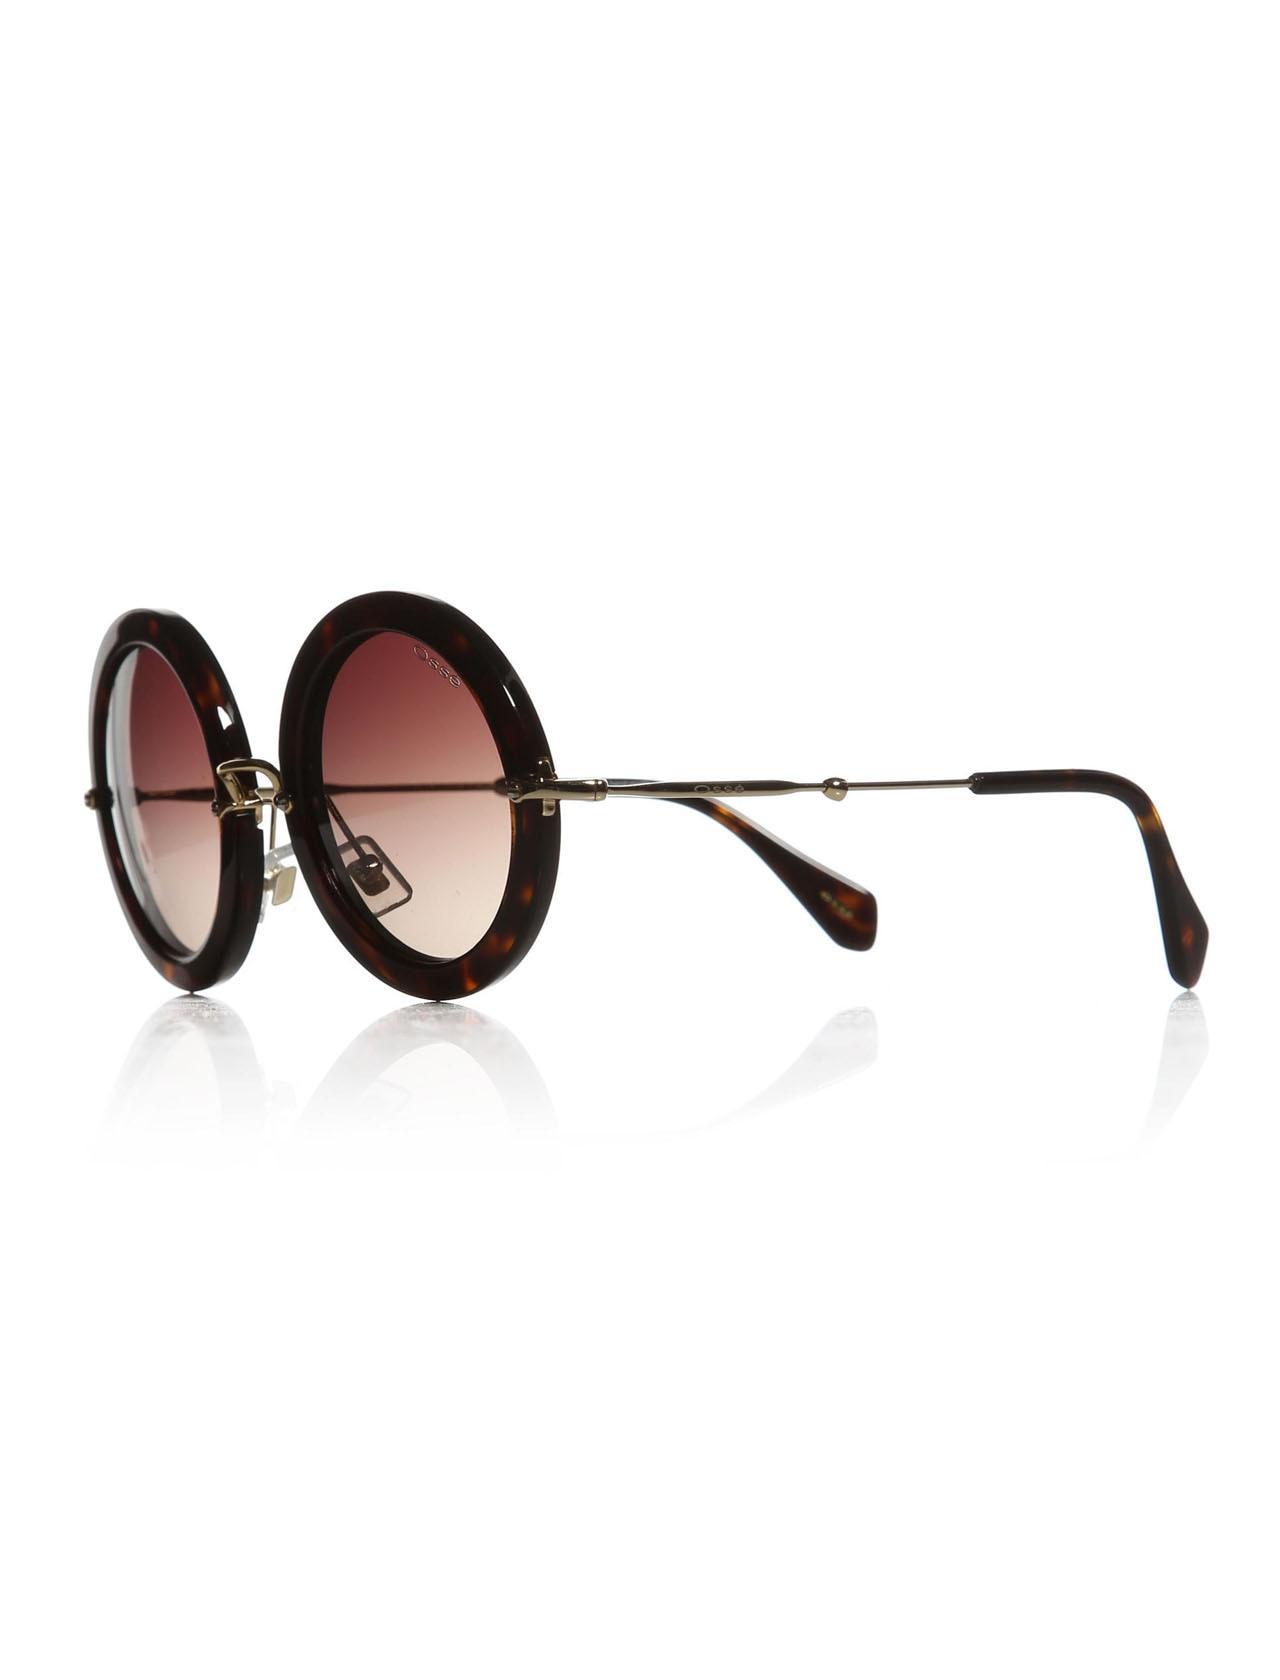 Women's sunglasses os 1748 02 bone Brown organic round round 49-24-140 osse